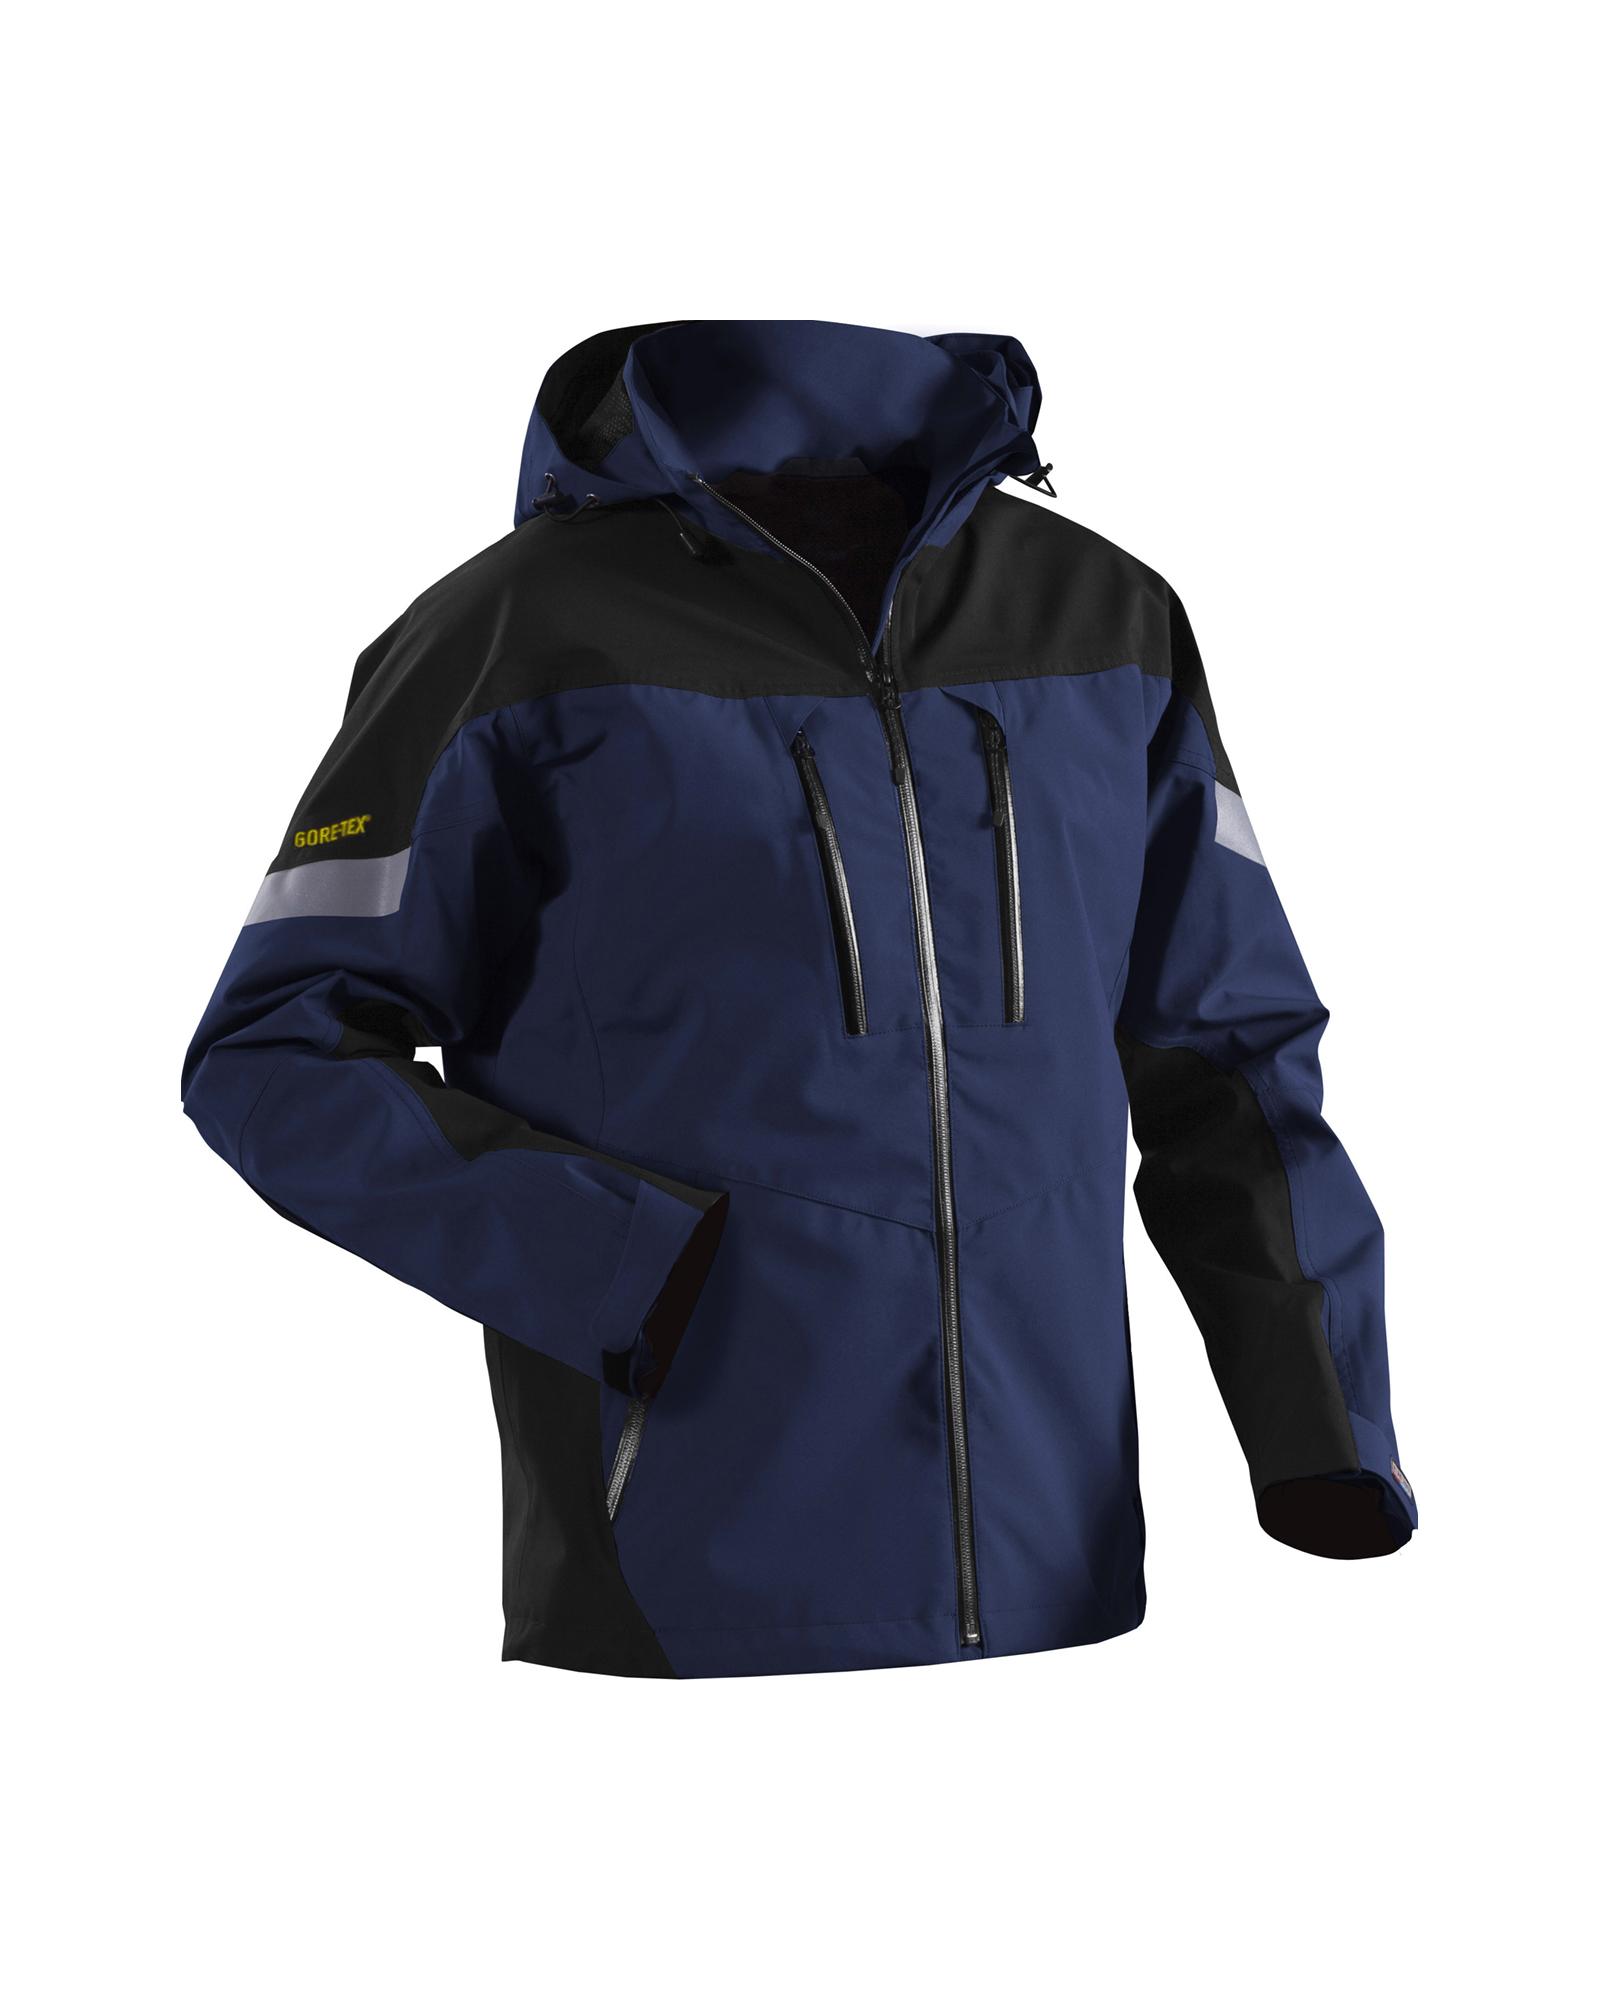 Underbar Jacka GORE-TEX® 365/24 (48181420) - Blåkläder TB-05